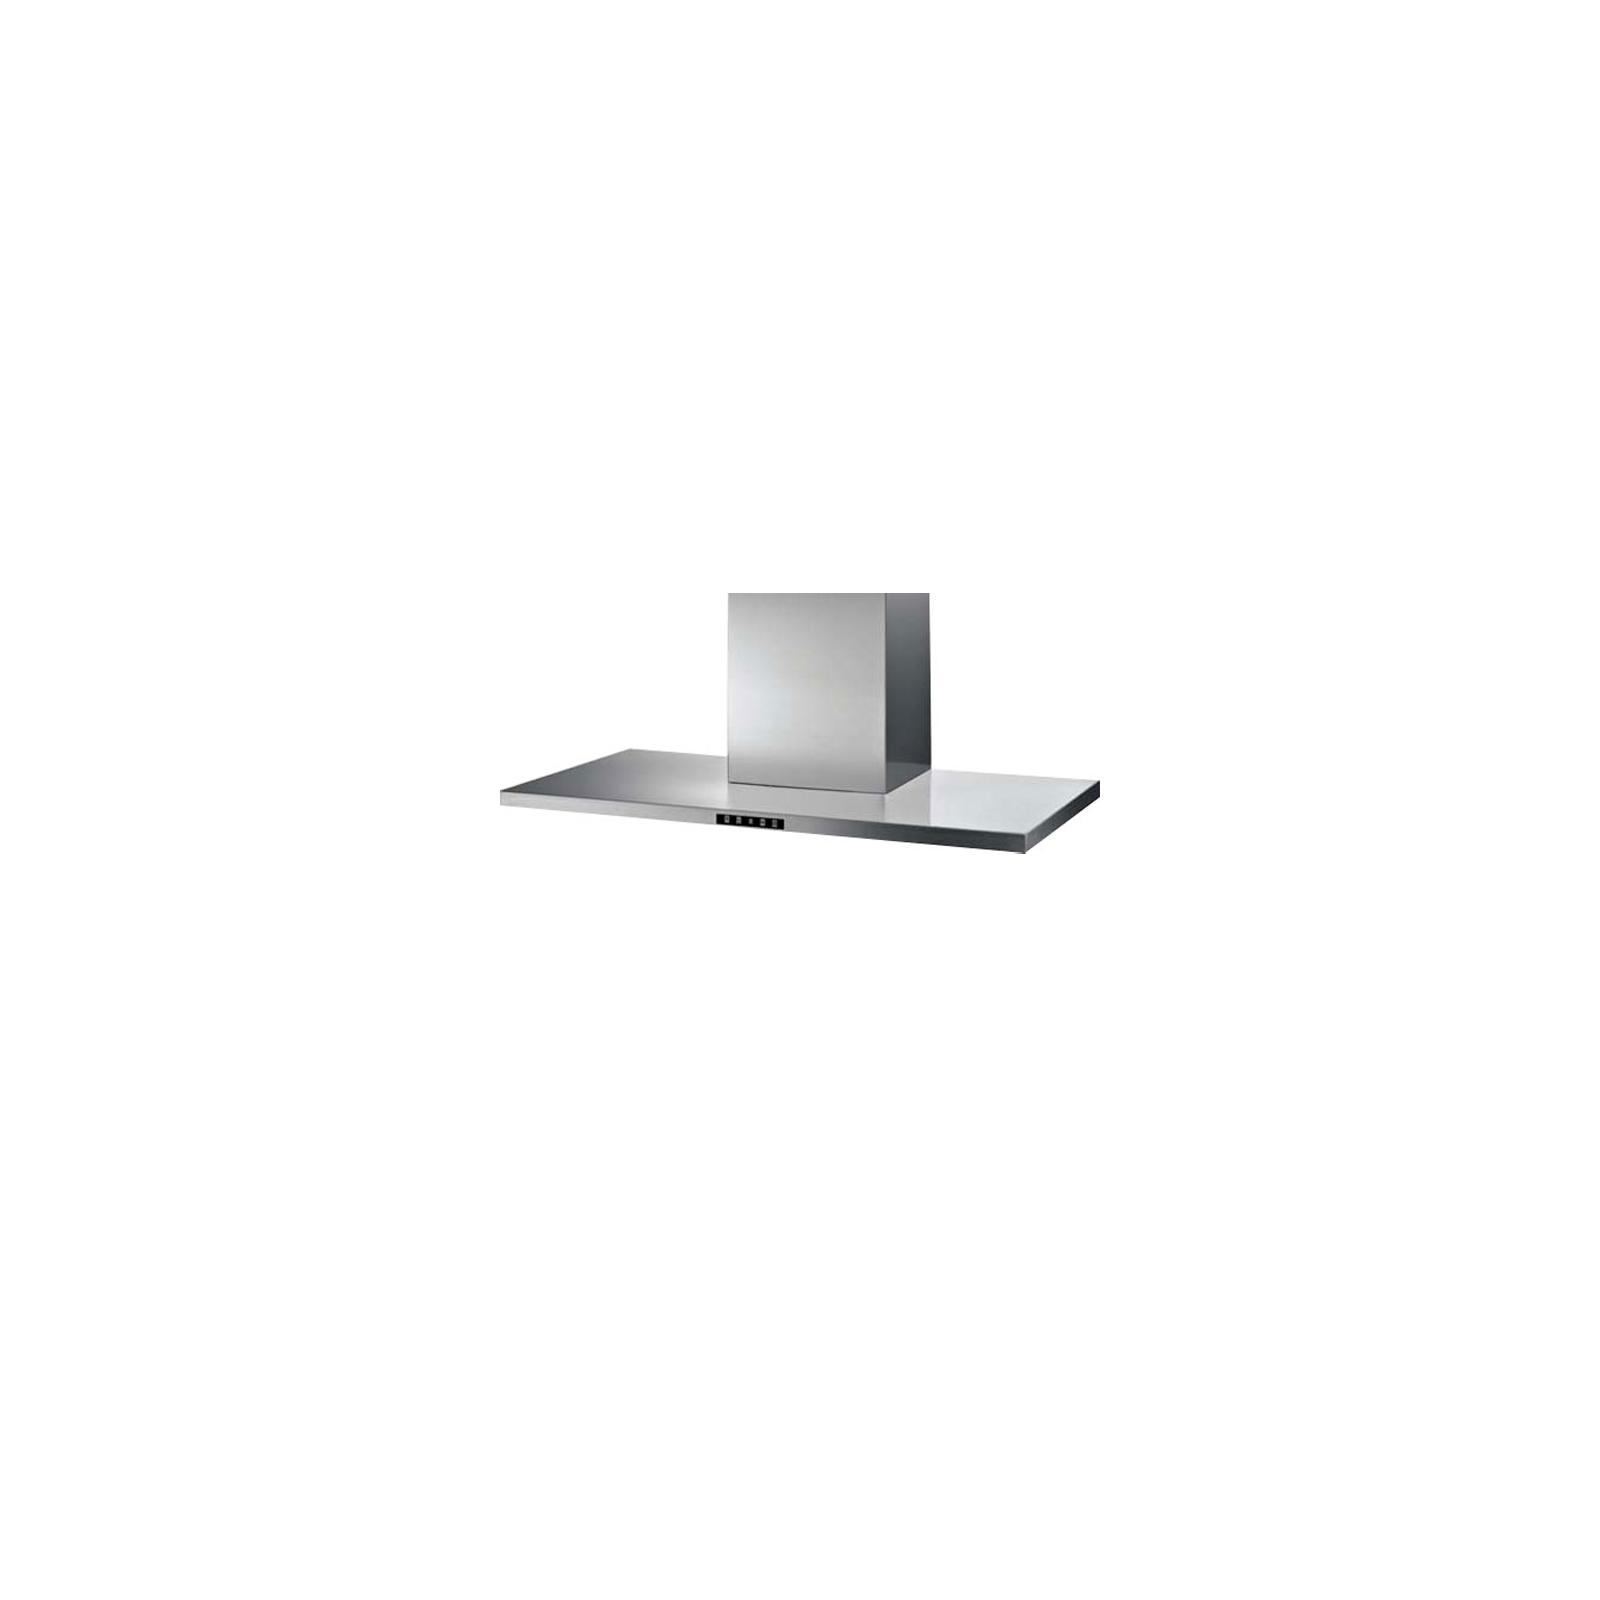 Вытяжка кухонная ZIRTAL KD-SW 60 IX